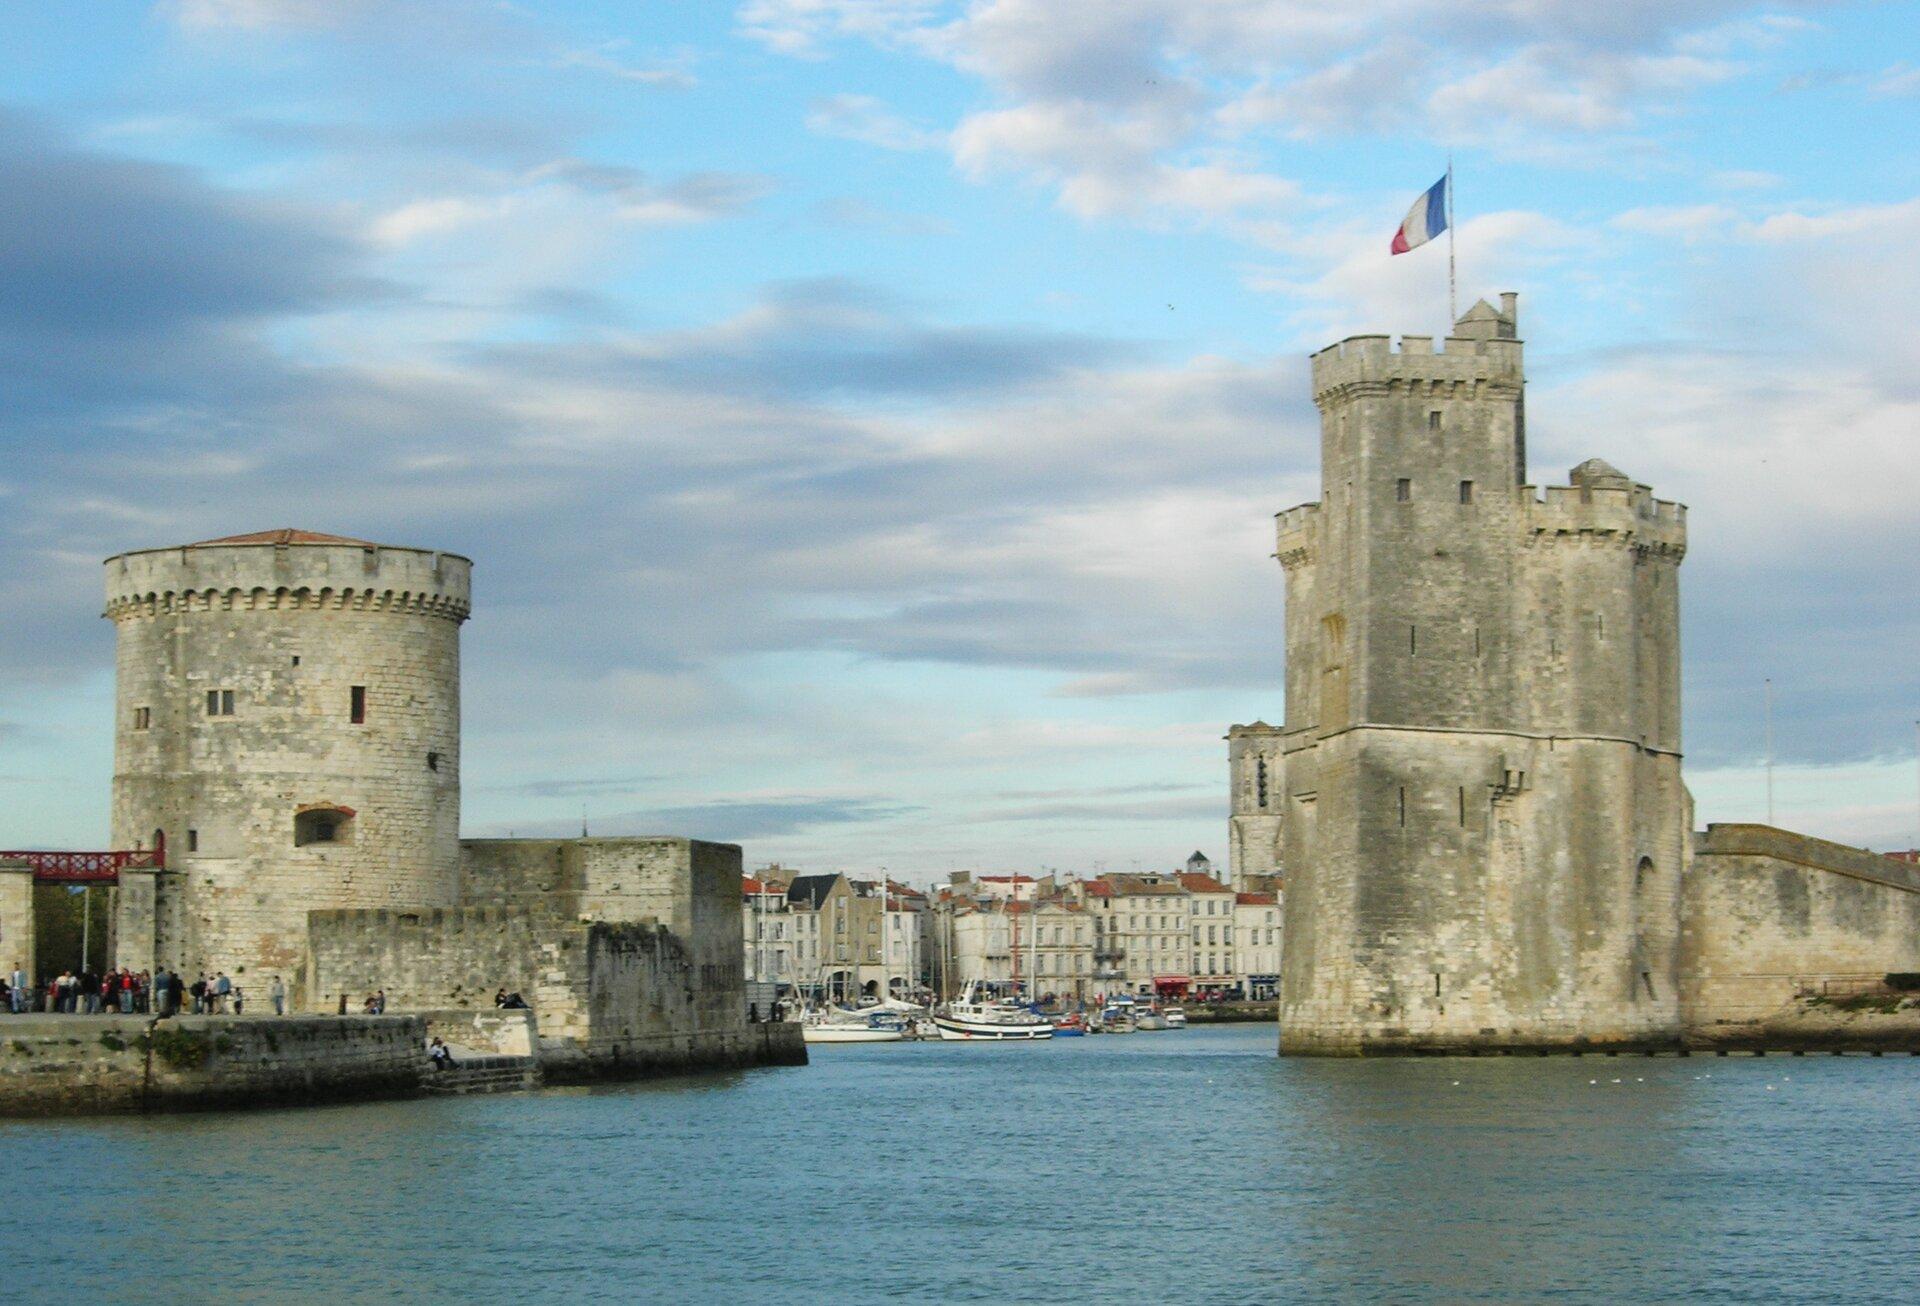 La Rochelle, wejście do portu strzeżone przez Wieżę Łańcuchową La Rochelle, wejście do portu strzeżone przez Wieżę Łańcuchową Źródło: Remi Jouan, 2005, Wikimedia Commons, licencja: CC BY-SA 3.0.